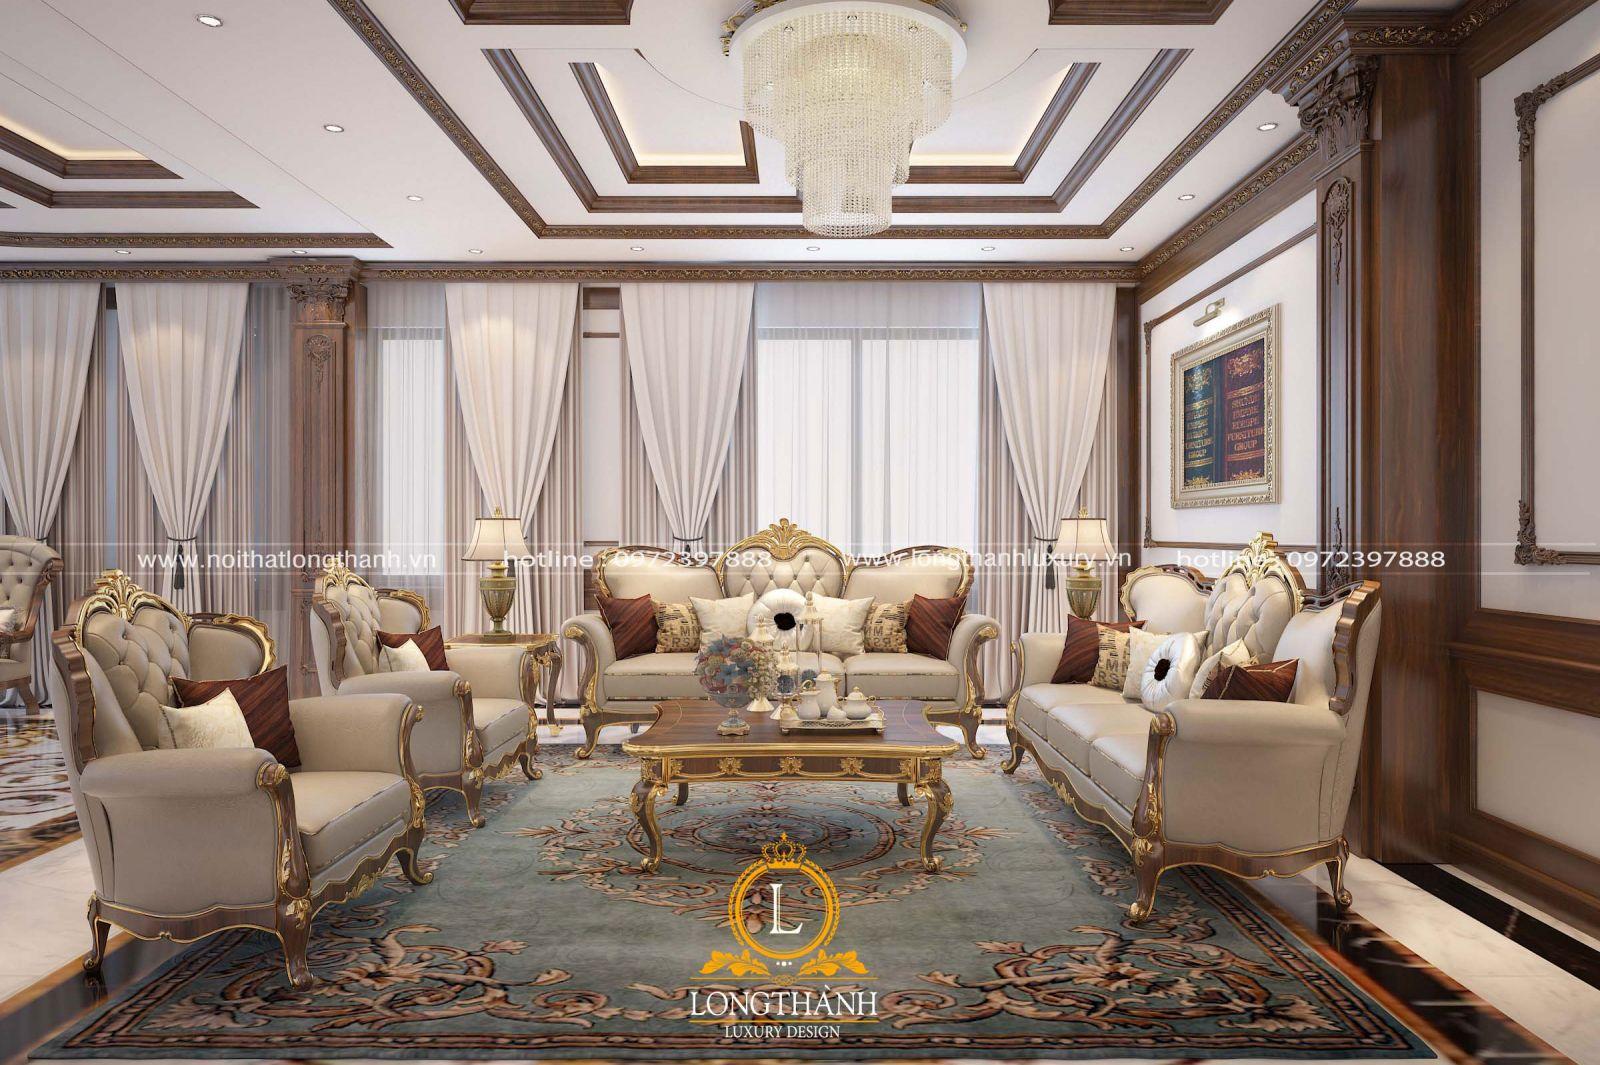 Thiết kế nội thất phong khách tân cổ điển cho nhà biệt thự phố sang trọng đẳng cấp